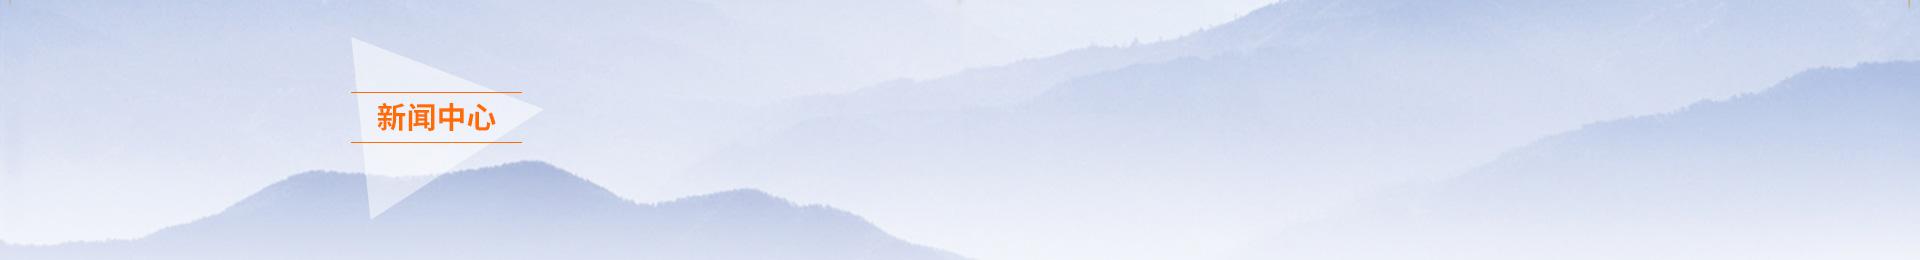 白花会影戏网-琪琪看片-暂播影戏网-老司机看片神器-美剧韩剧-伦理片在线免费寓目